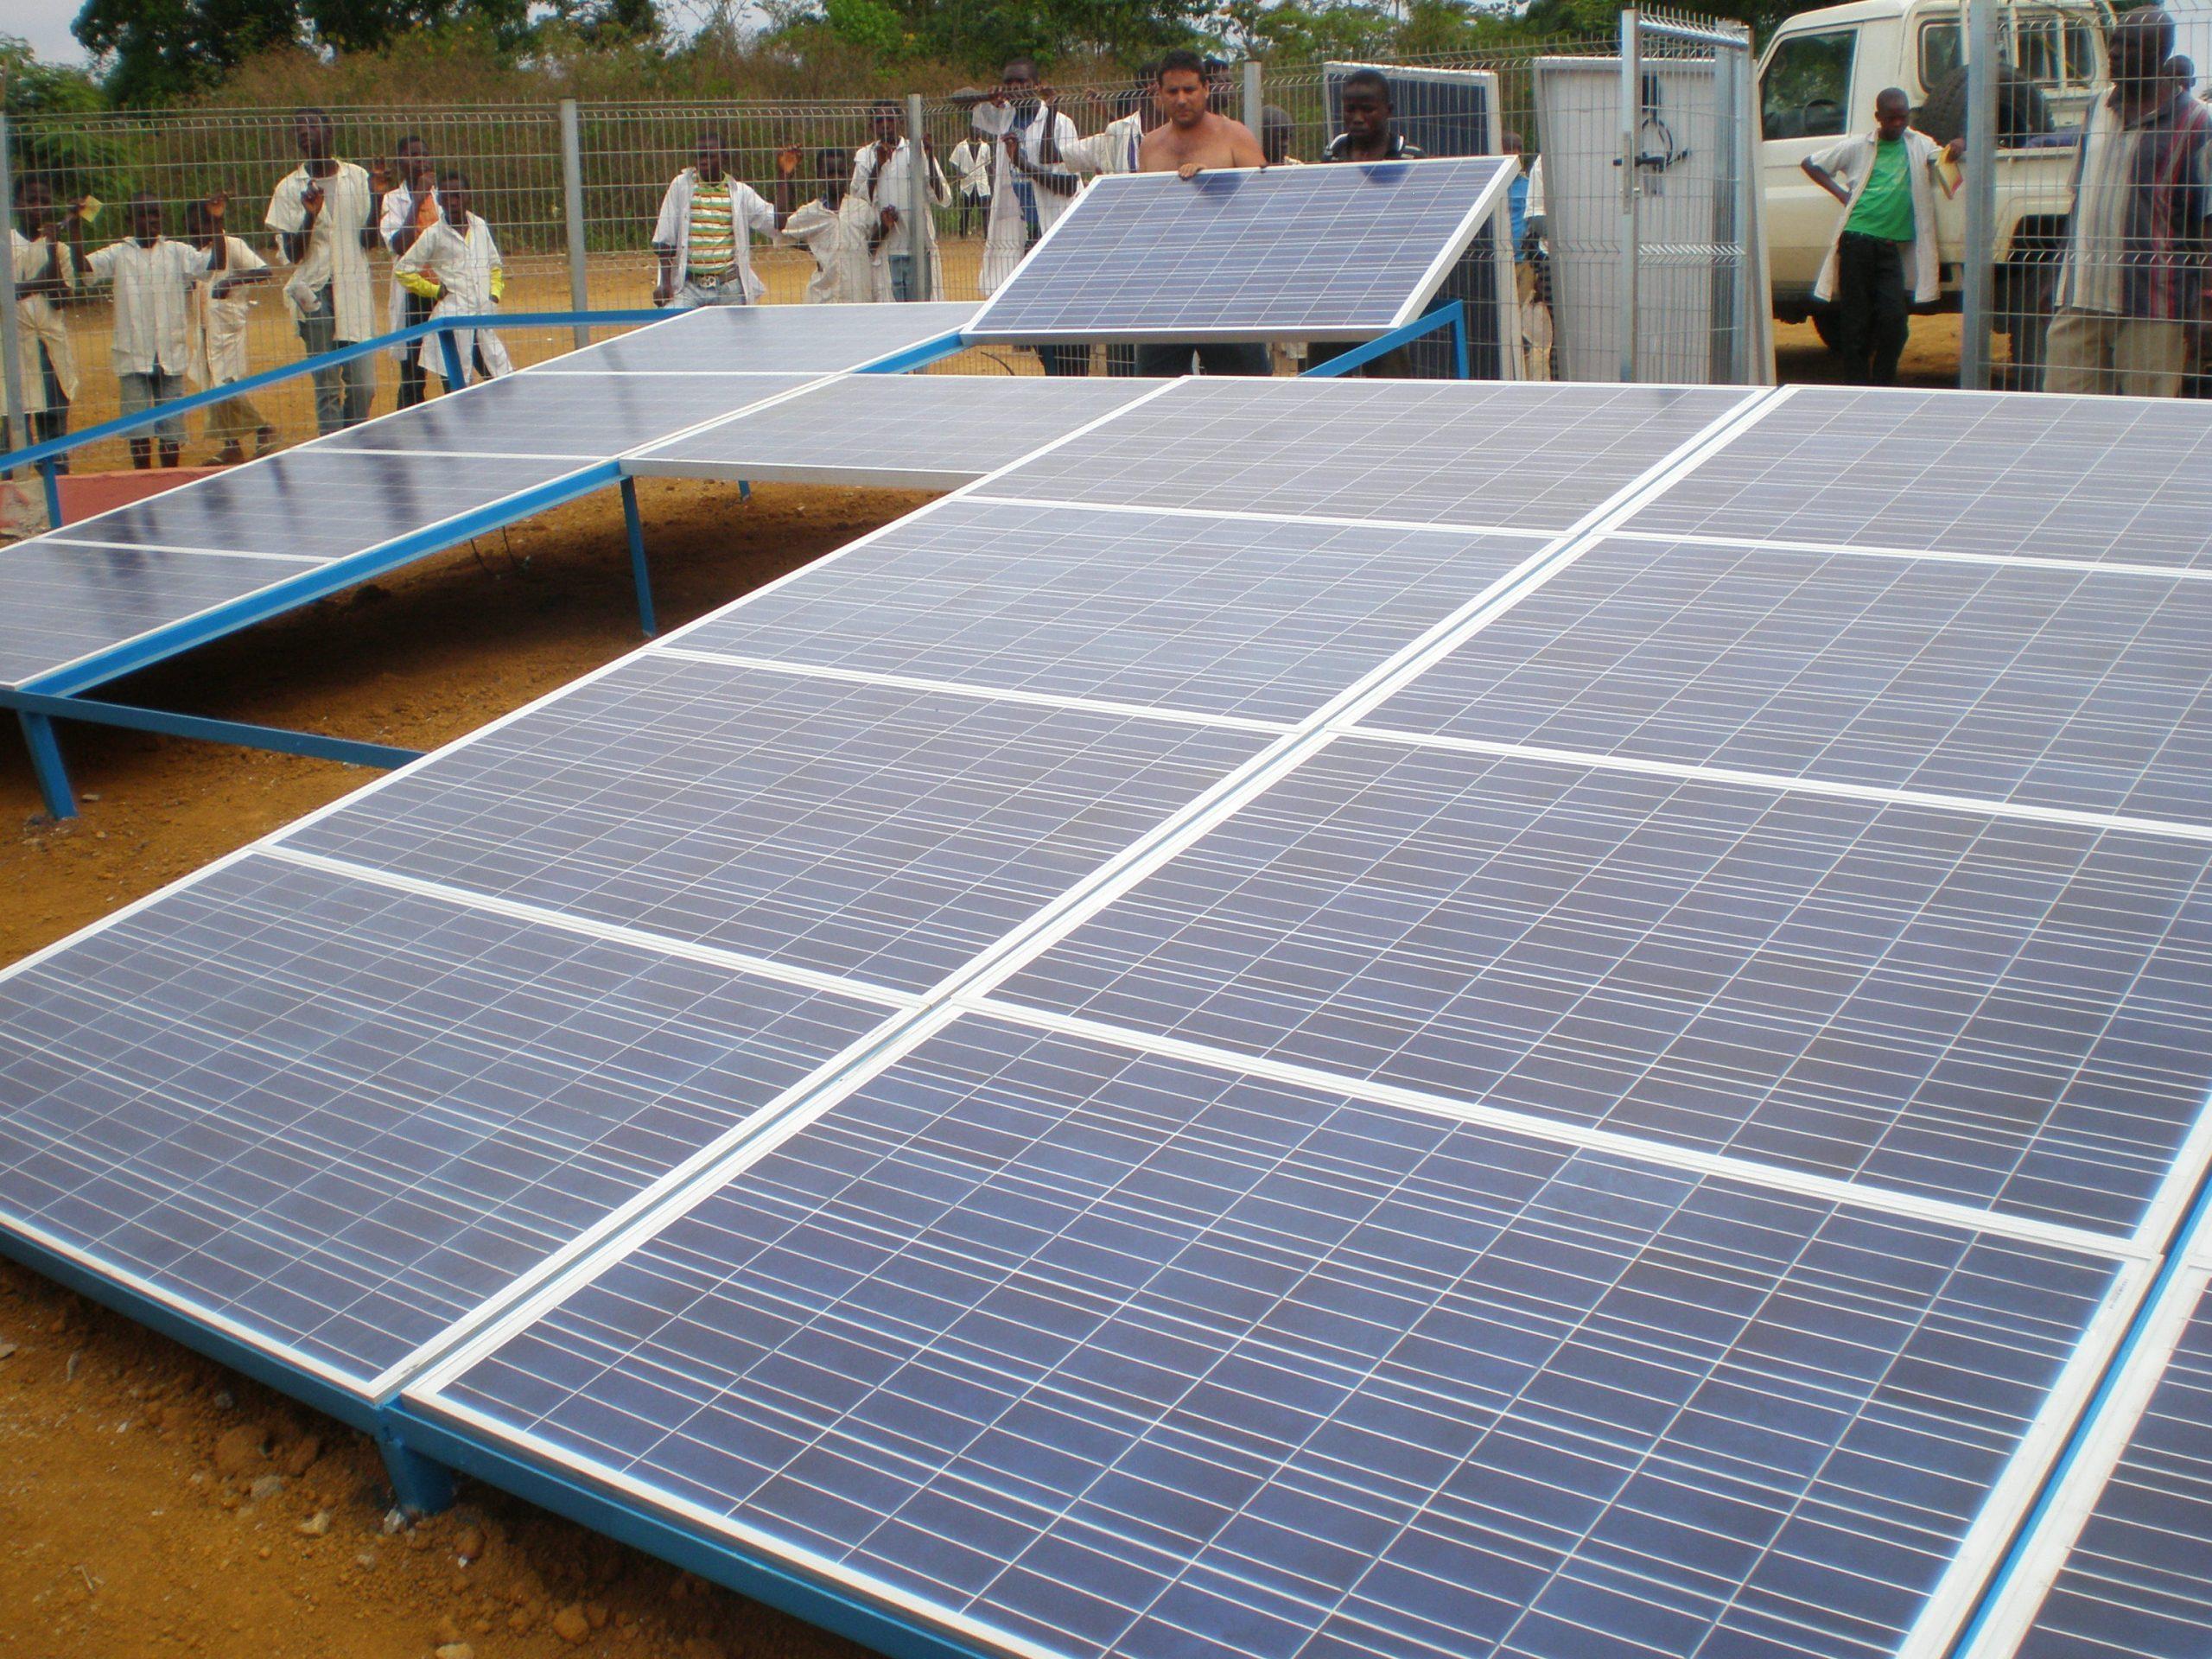 Placas fotovoltaicas de alimentación a potabilizadora en el pueblo de Fazil, Lobito , Luanda